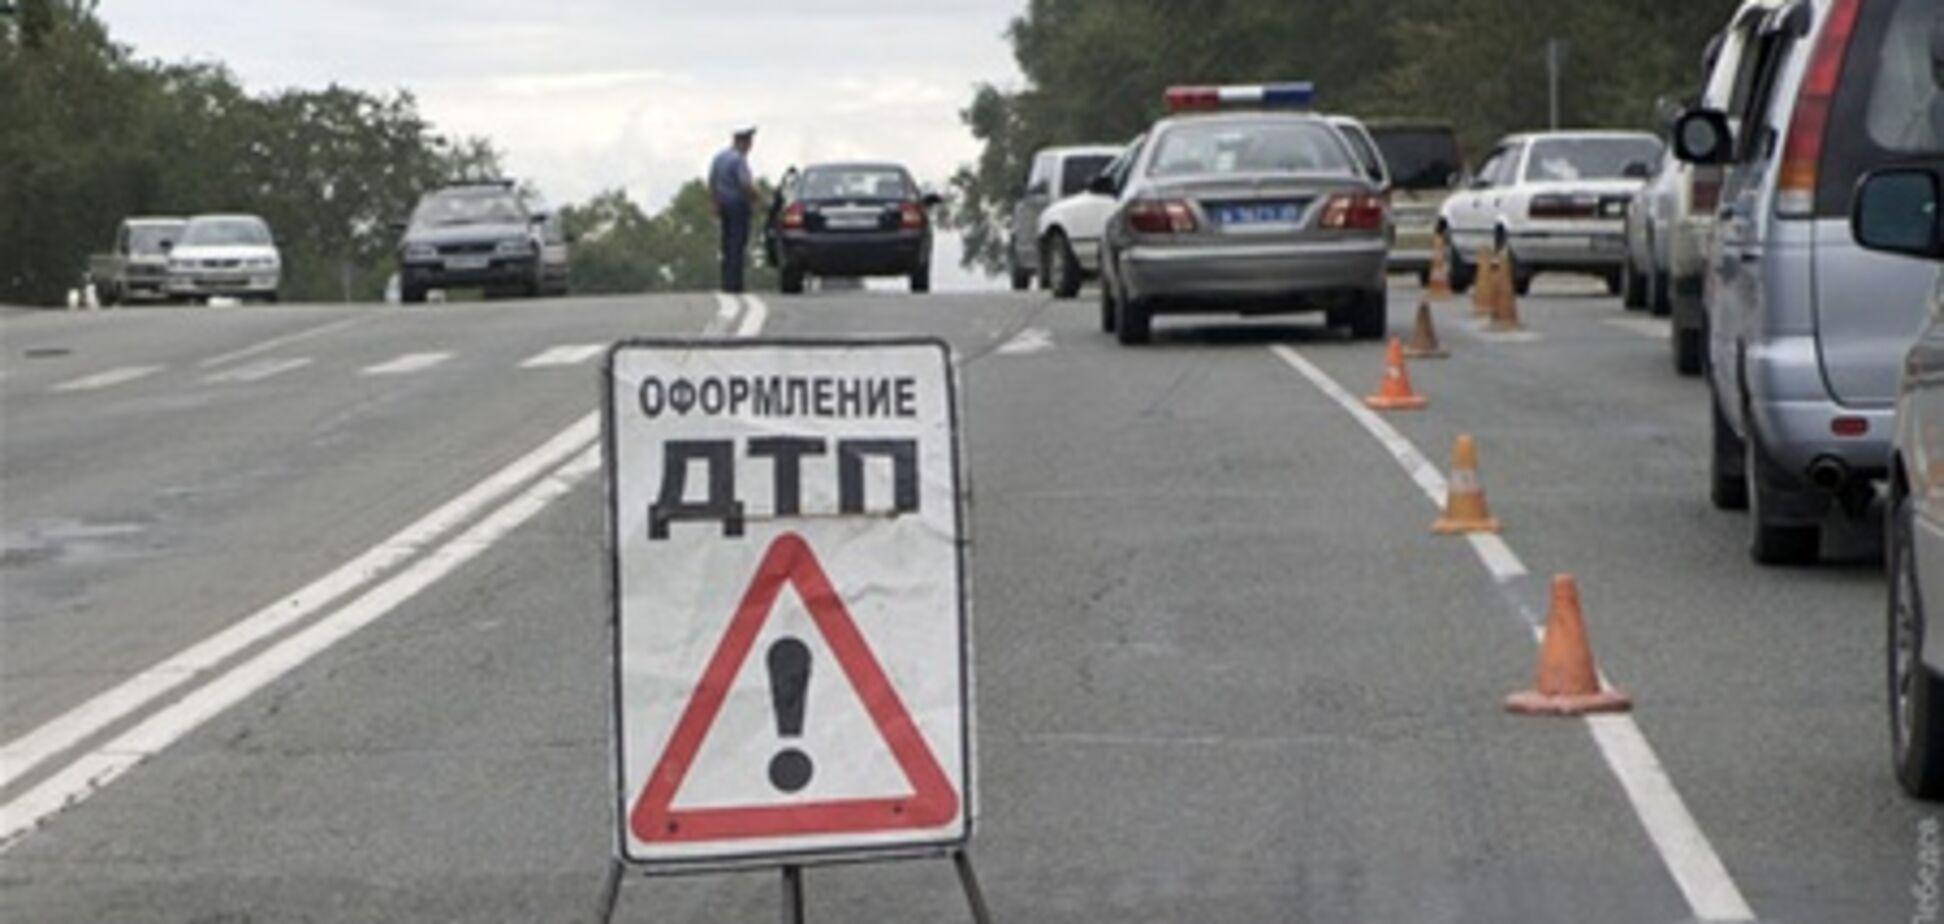 Водієві, який збив дівчинку в Києві, суд виніс вирок лише через 11 років